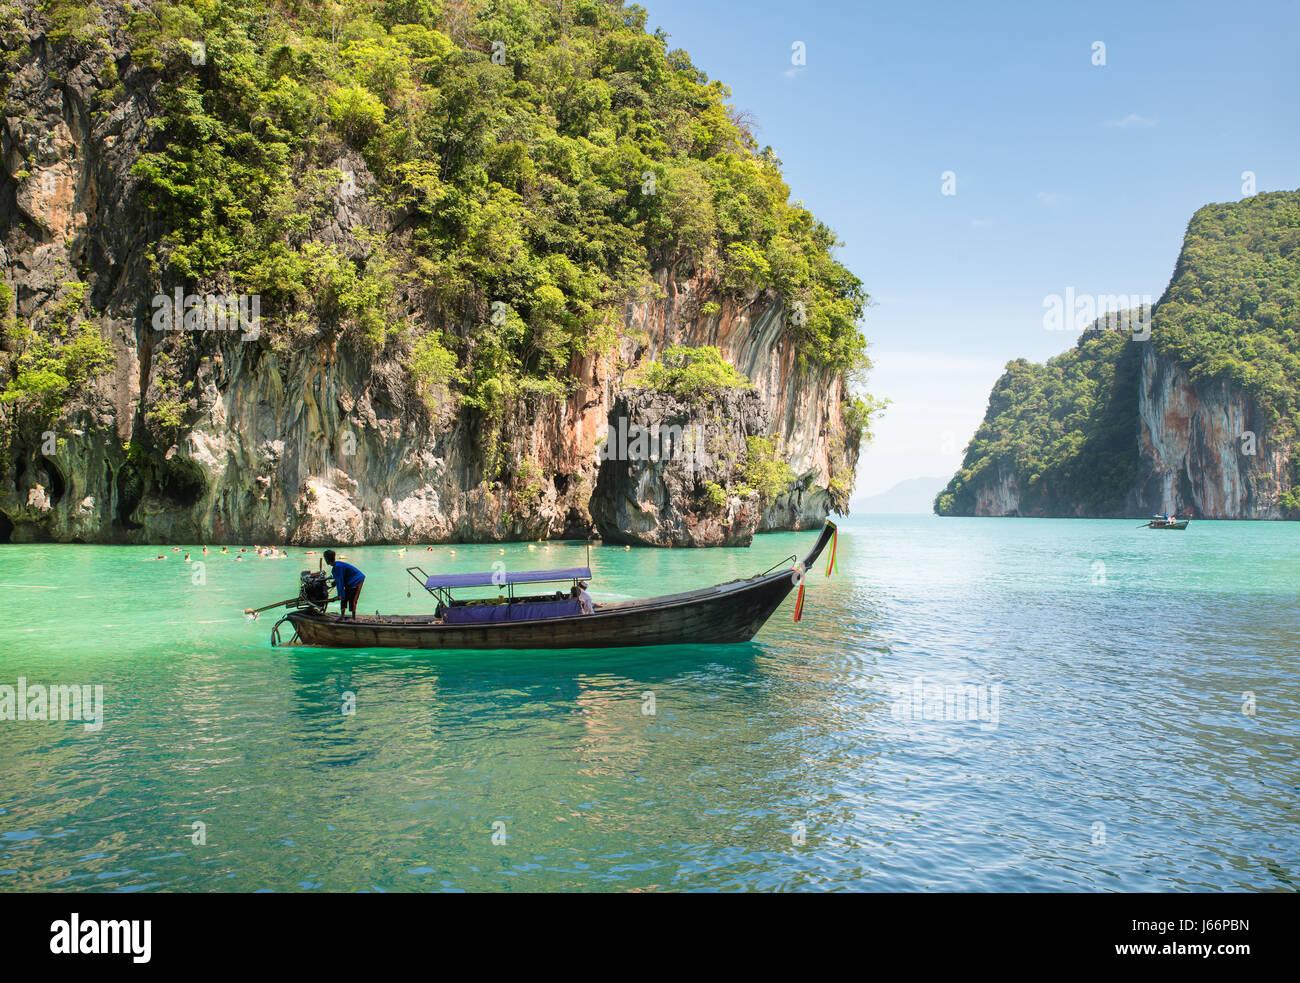 Hermoso paisaje de rocas, montaña y mar cristalino con canoa, en Phuket, Tailandia. Verano, Viajes, vacaciones, Imagen De Stock